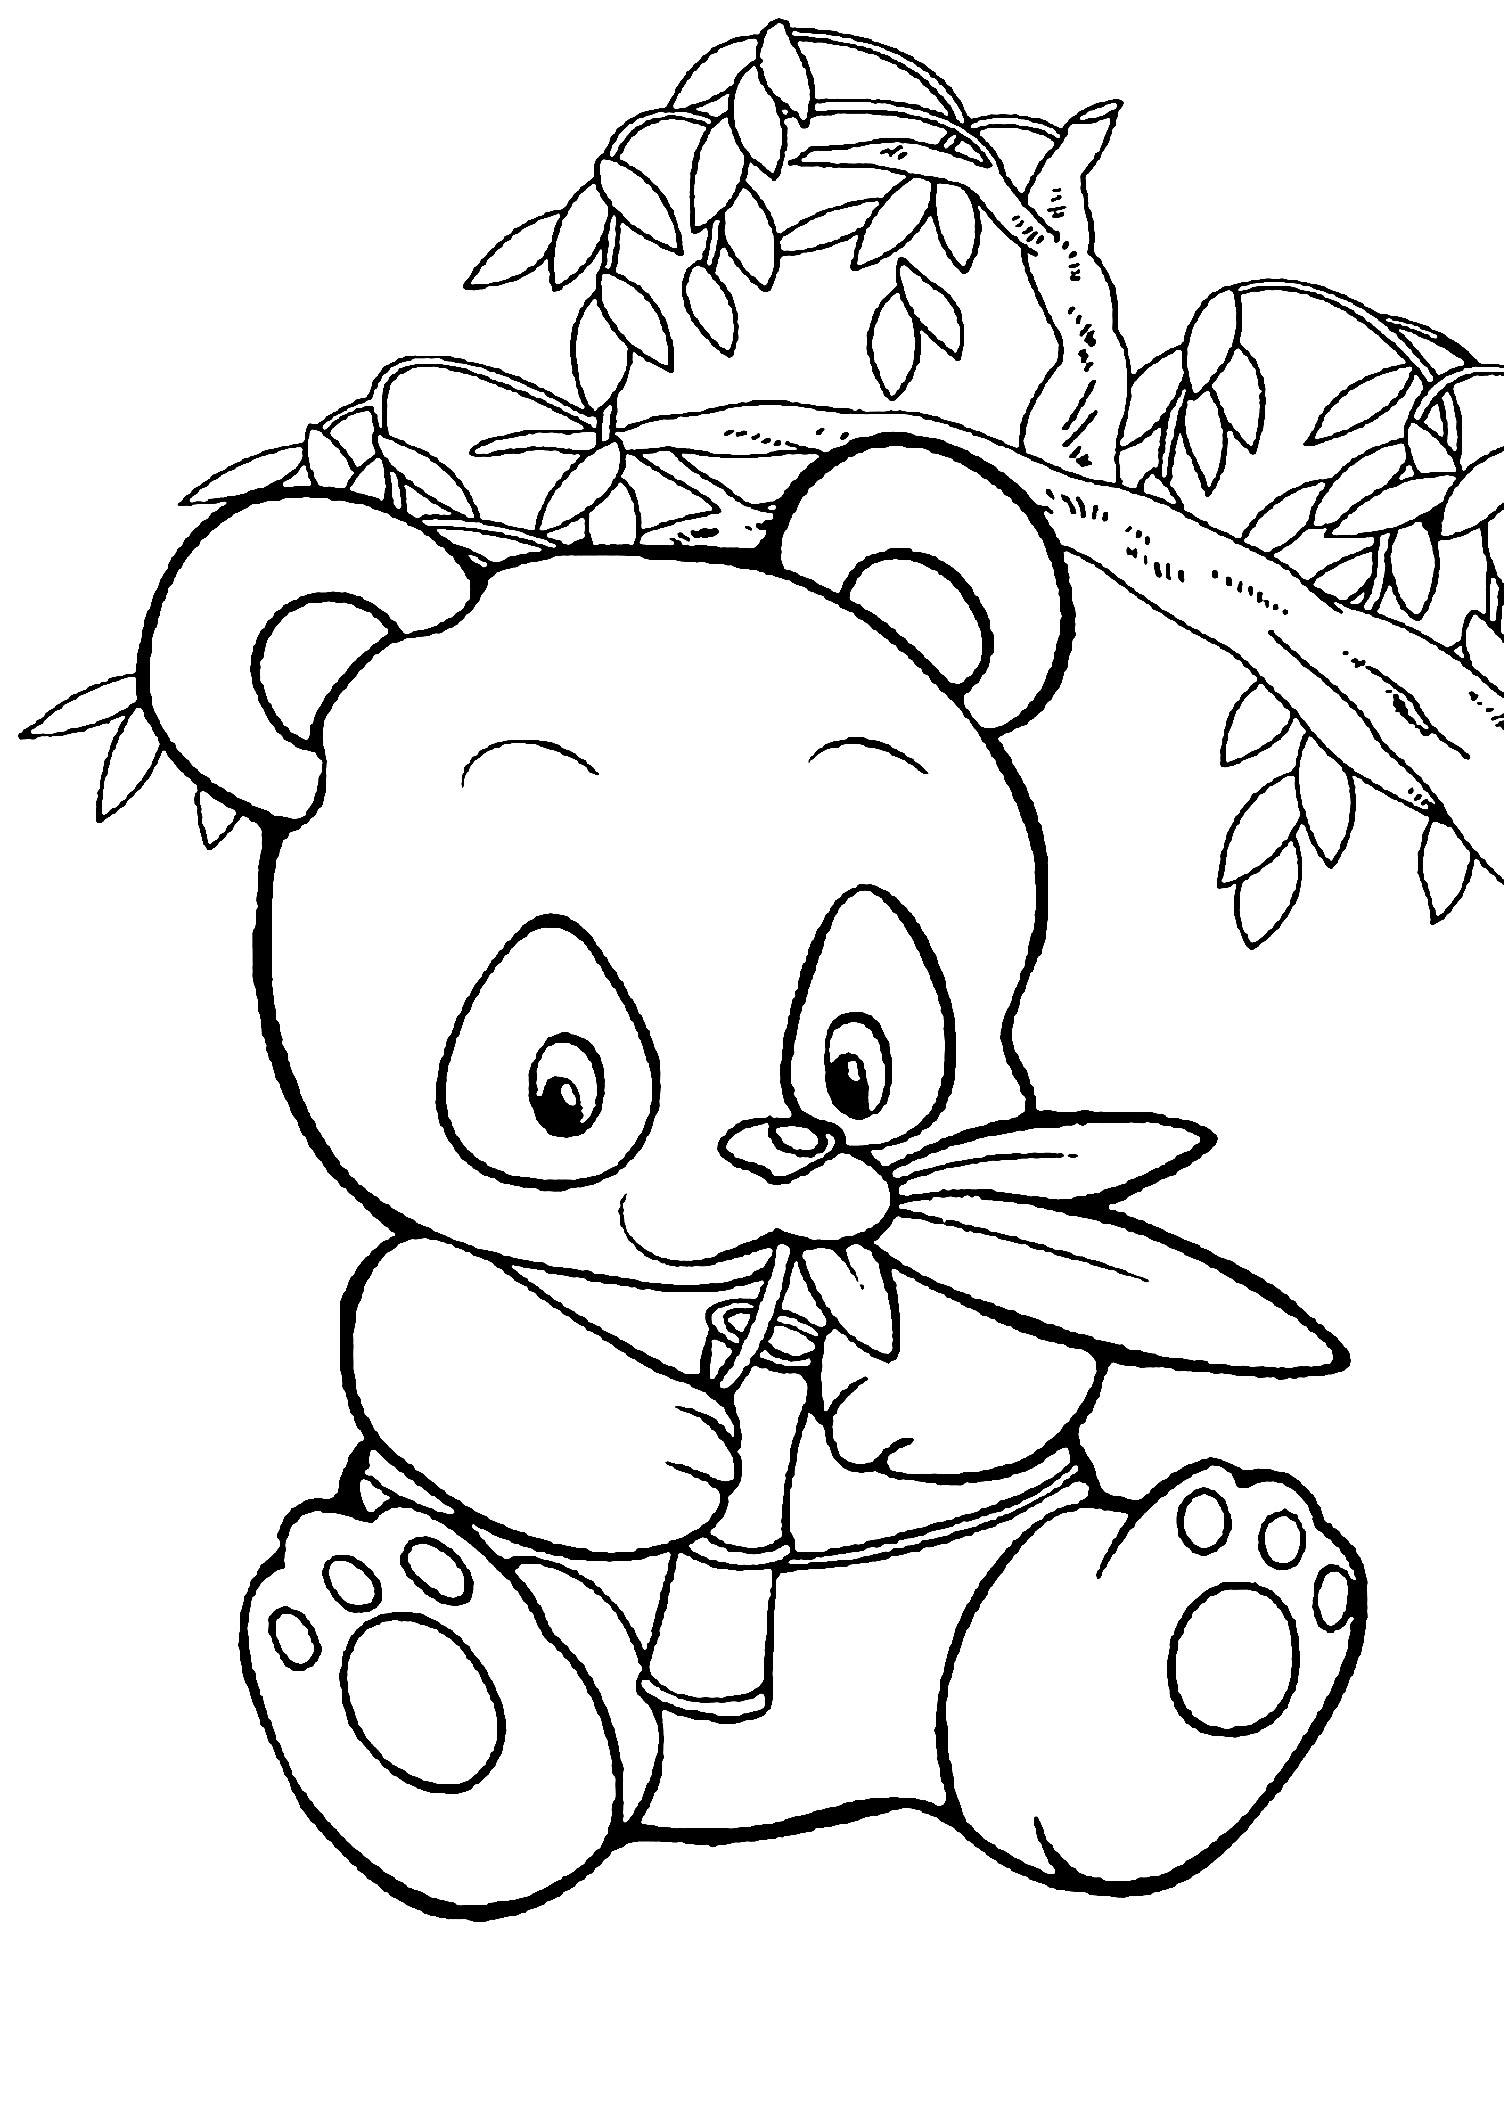 panda à imprimer Unique panda coloring pages for preschool